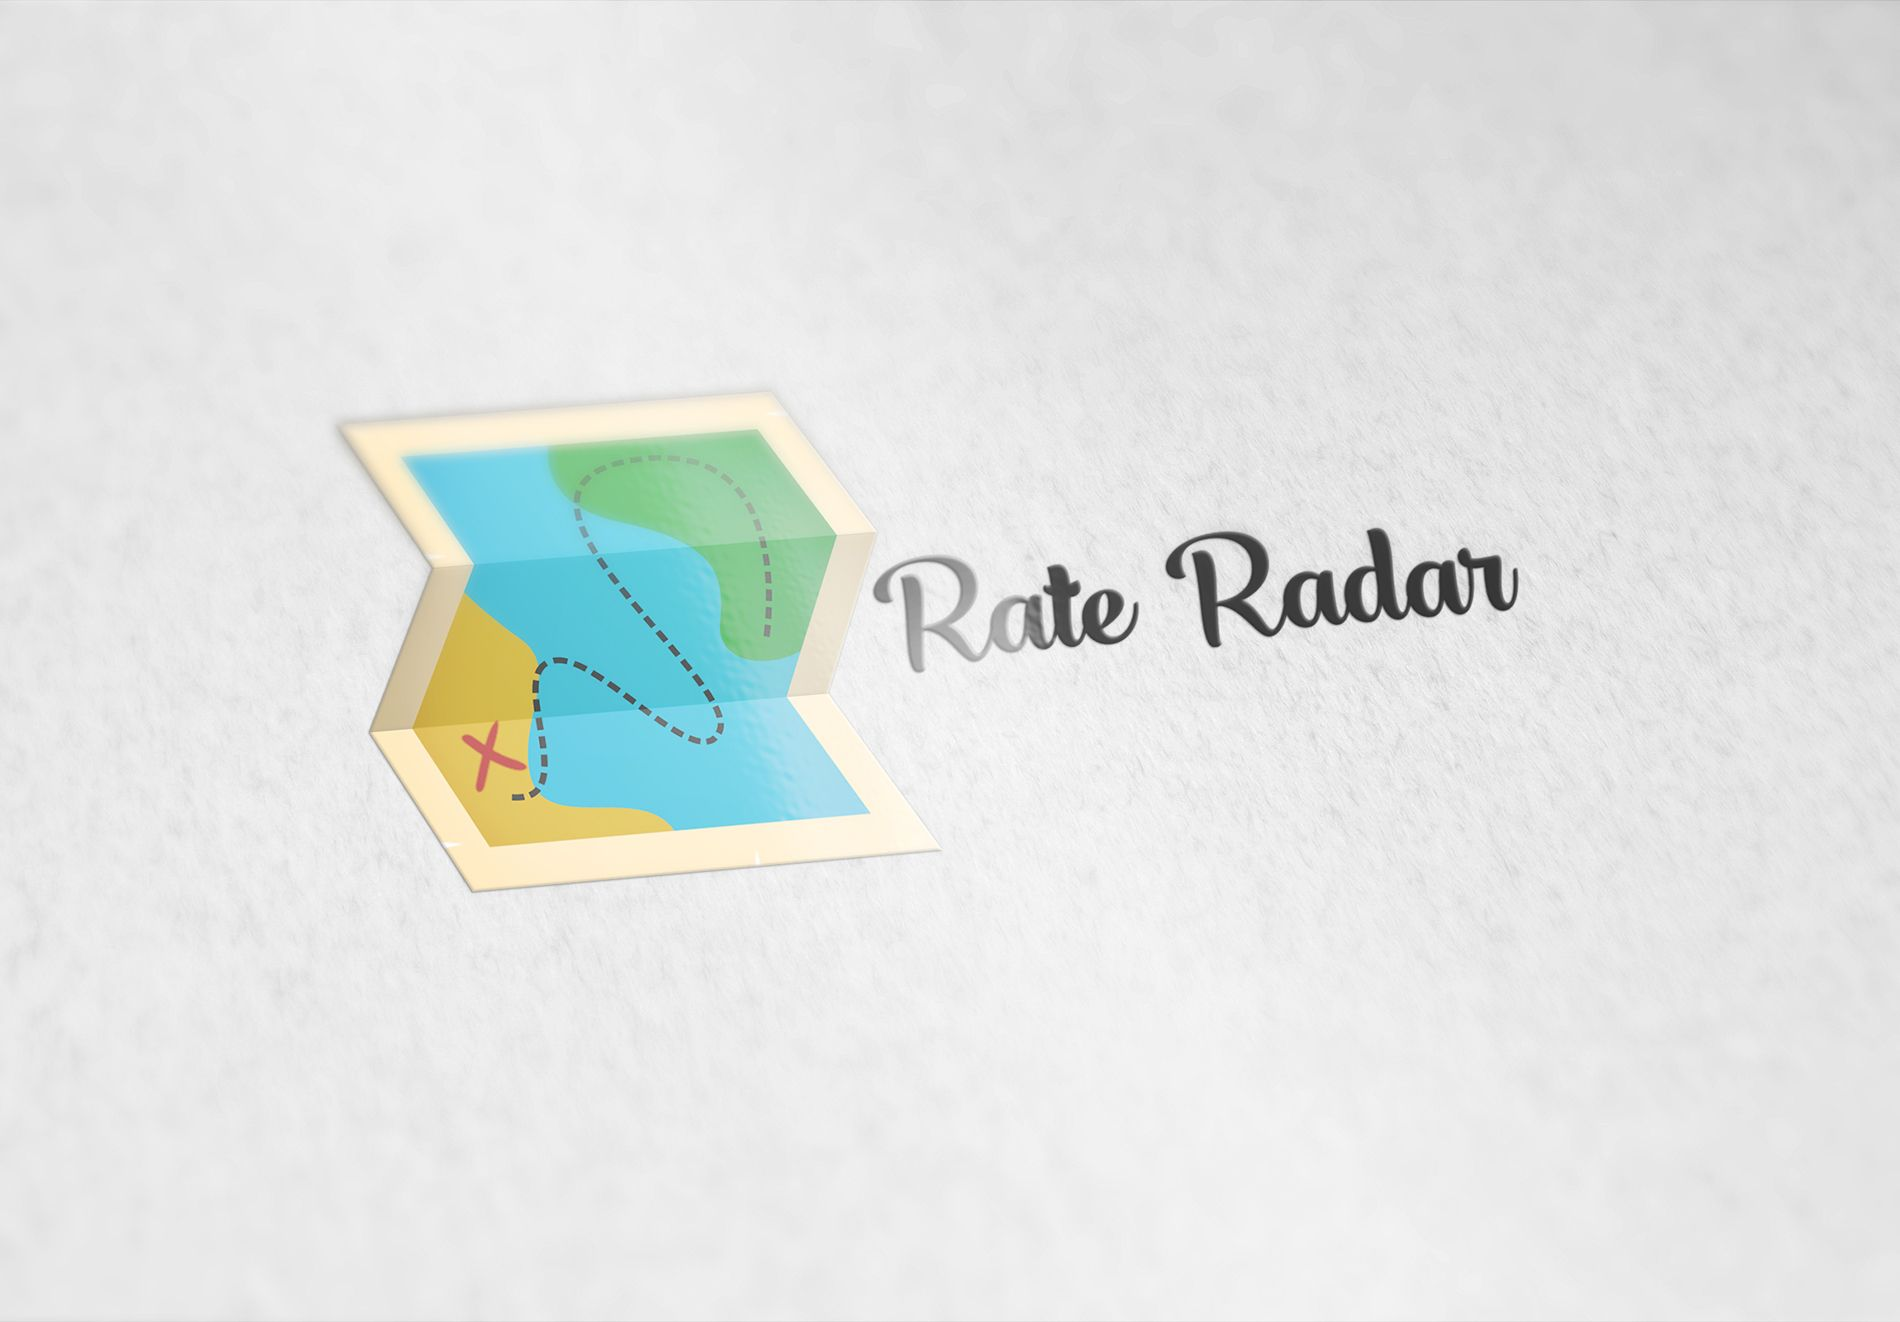 Фирменный стиль + лого для Rate Radar - дизайнер vovanovsk